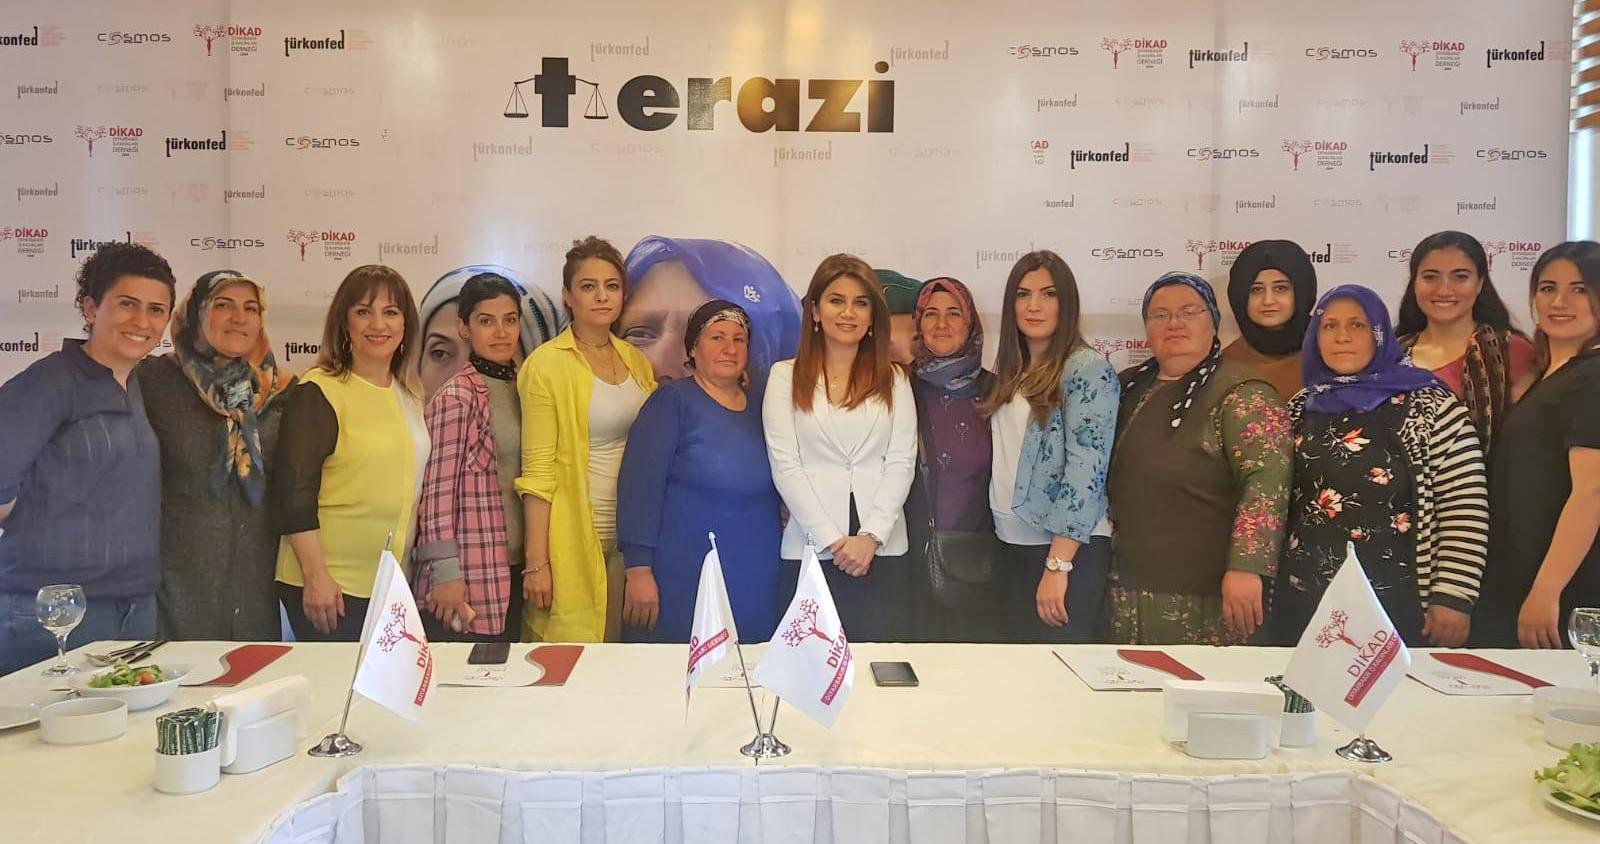 VİDEO - Türkiye'nin konuştuğu kadınların hikayesi beyaz perdeye taşındı